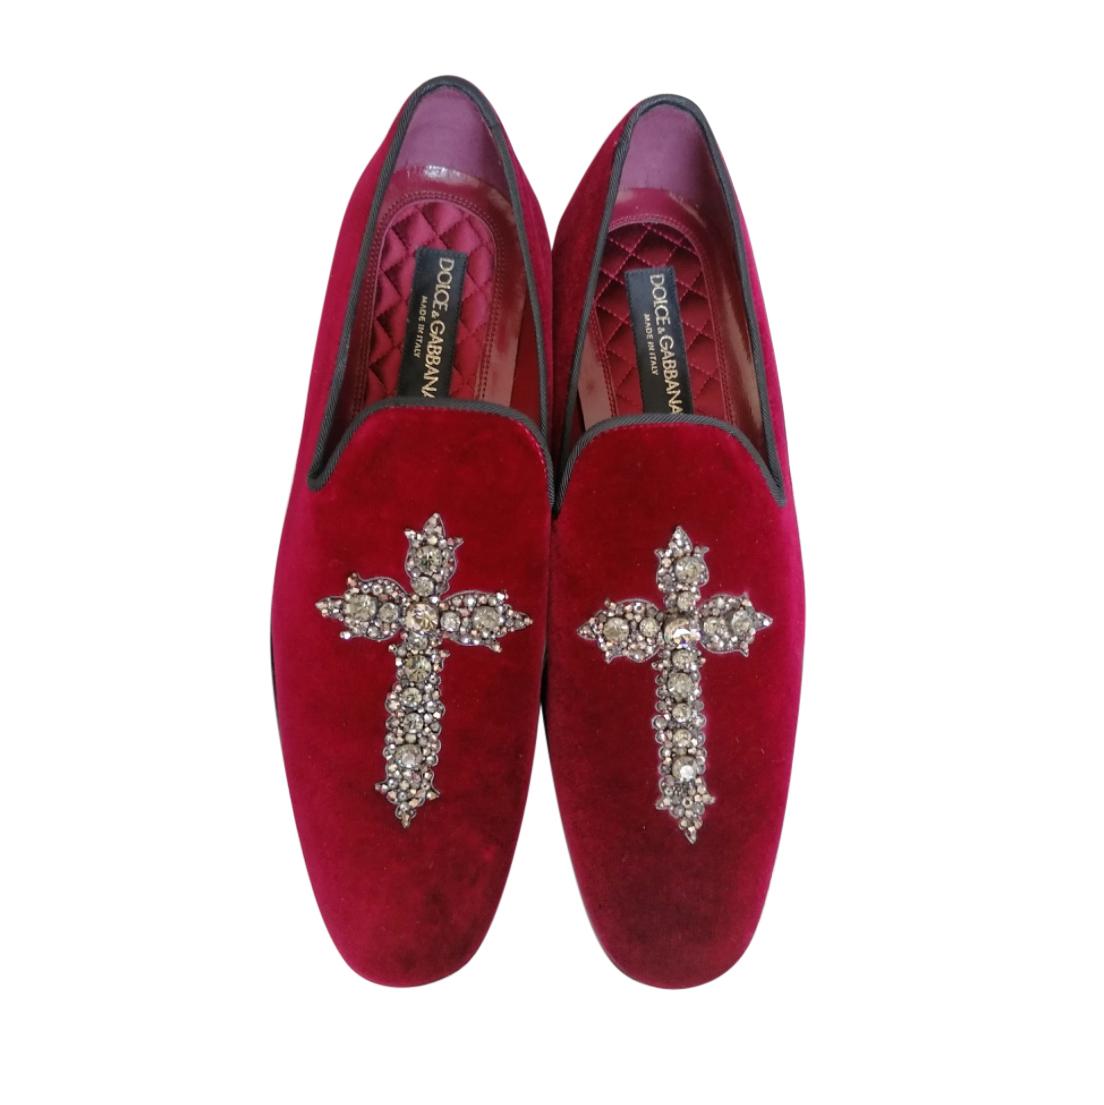 Dolce & Gabbana Burgundy Crystal Embellished Loafers